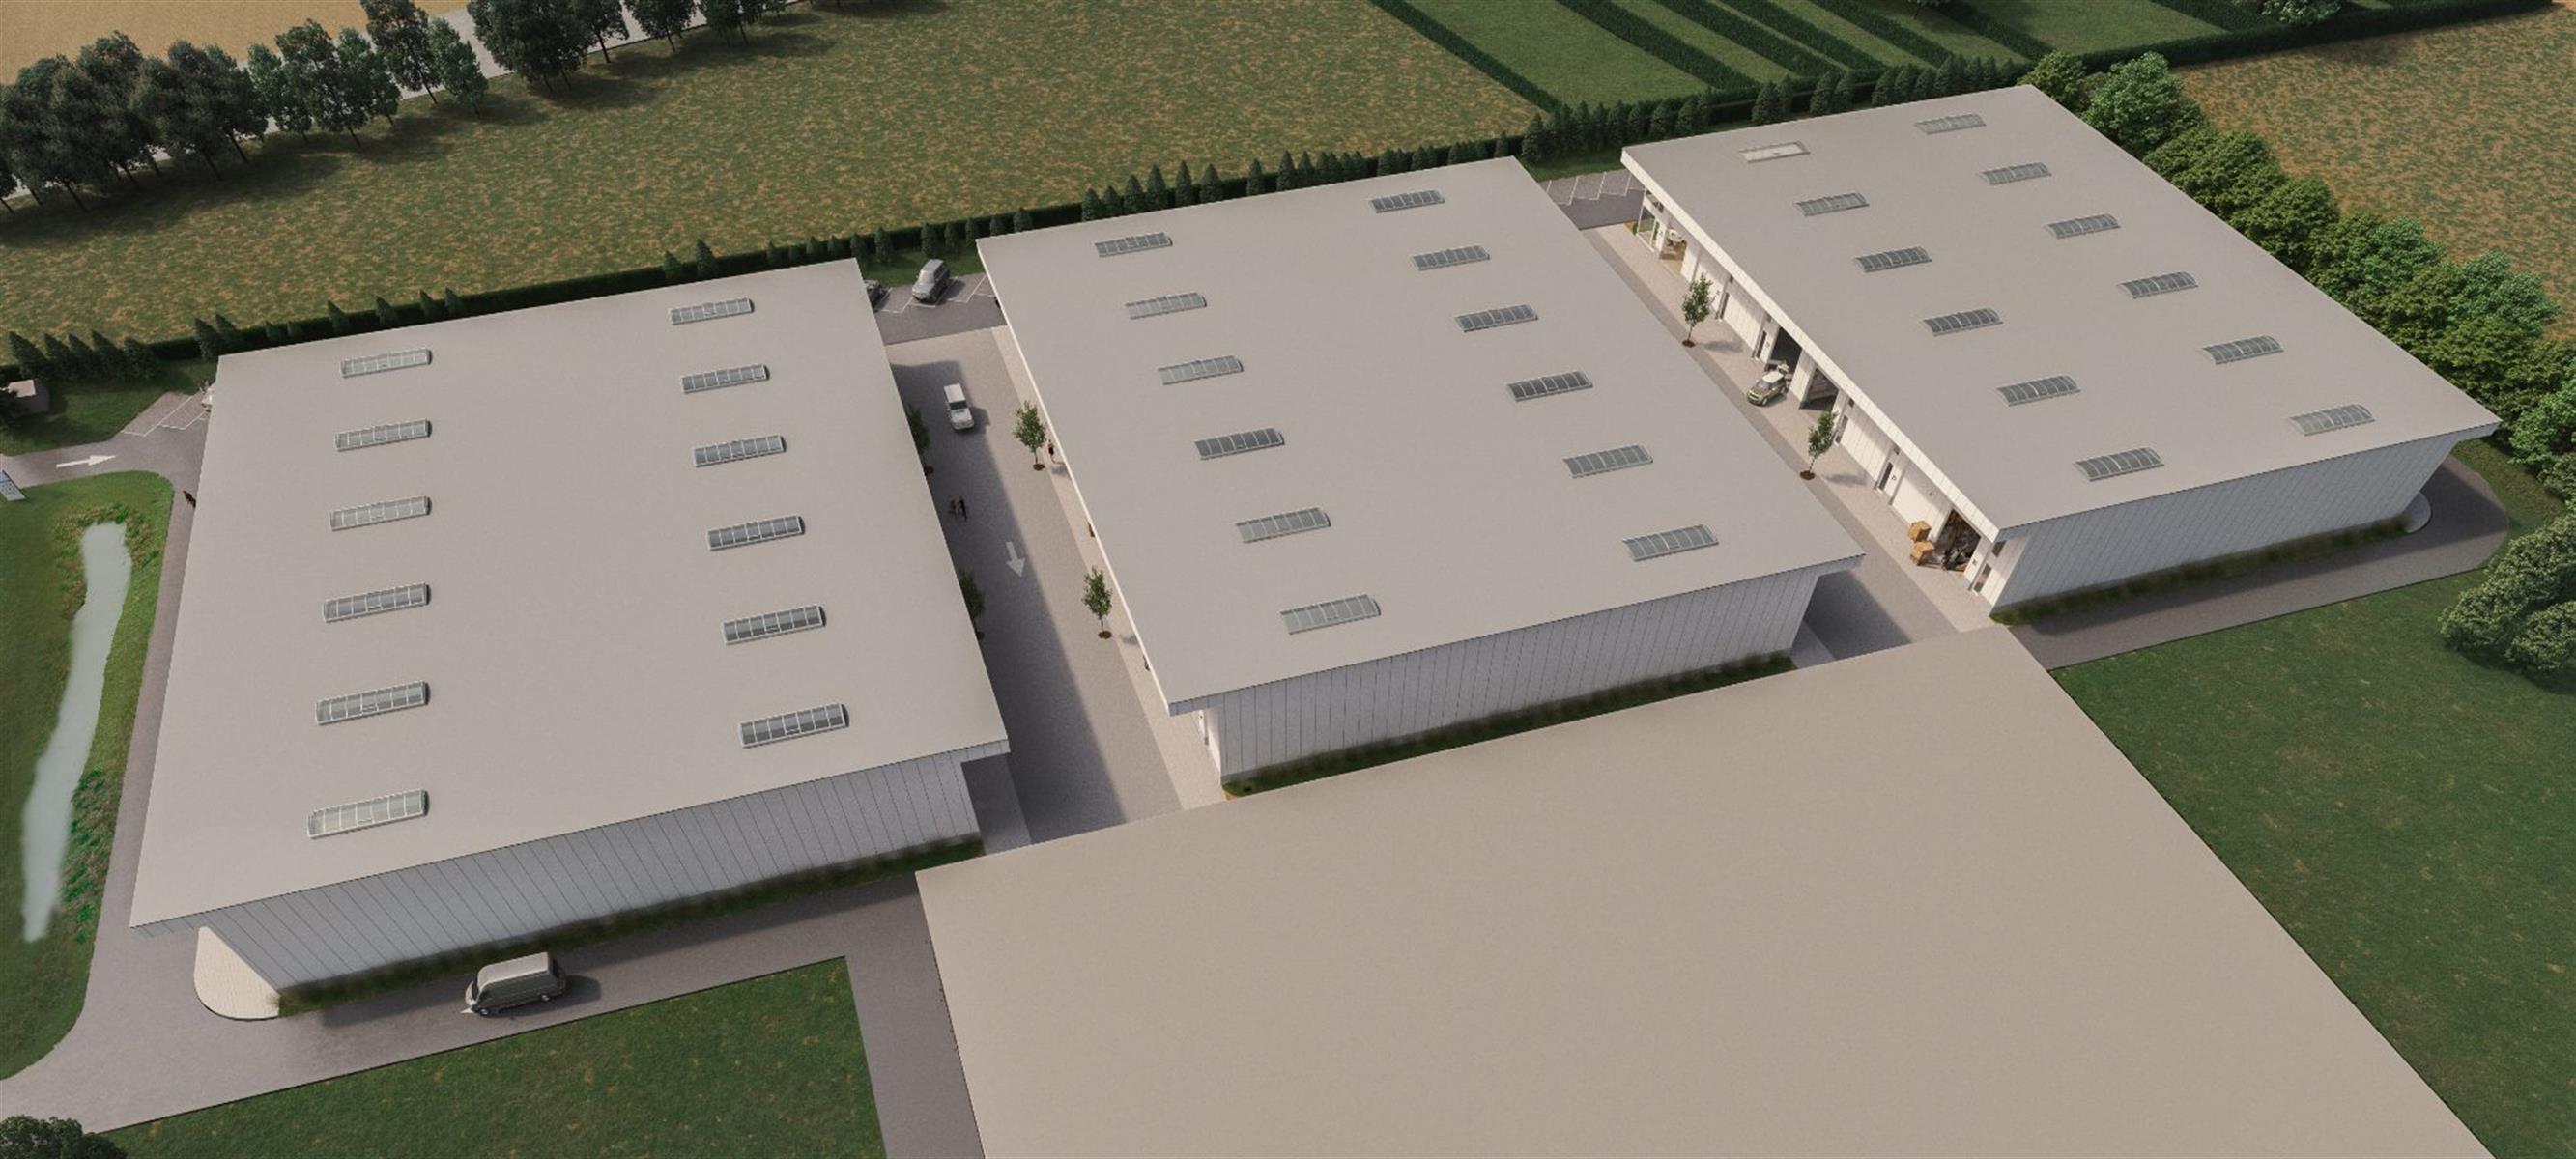 KMO-unit te koop UNIT 027 - Endepoelstraat 3, 3210 Lubbeek, België 21